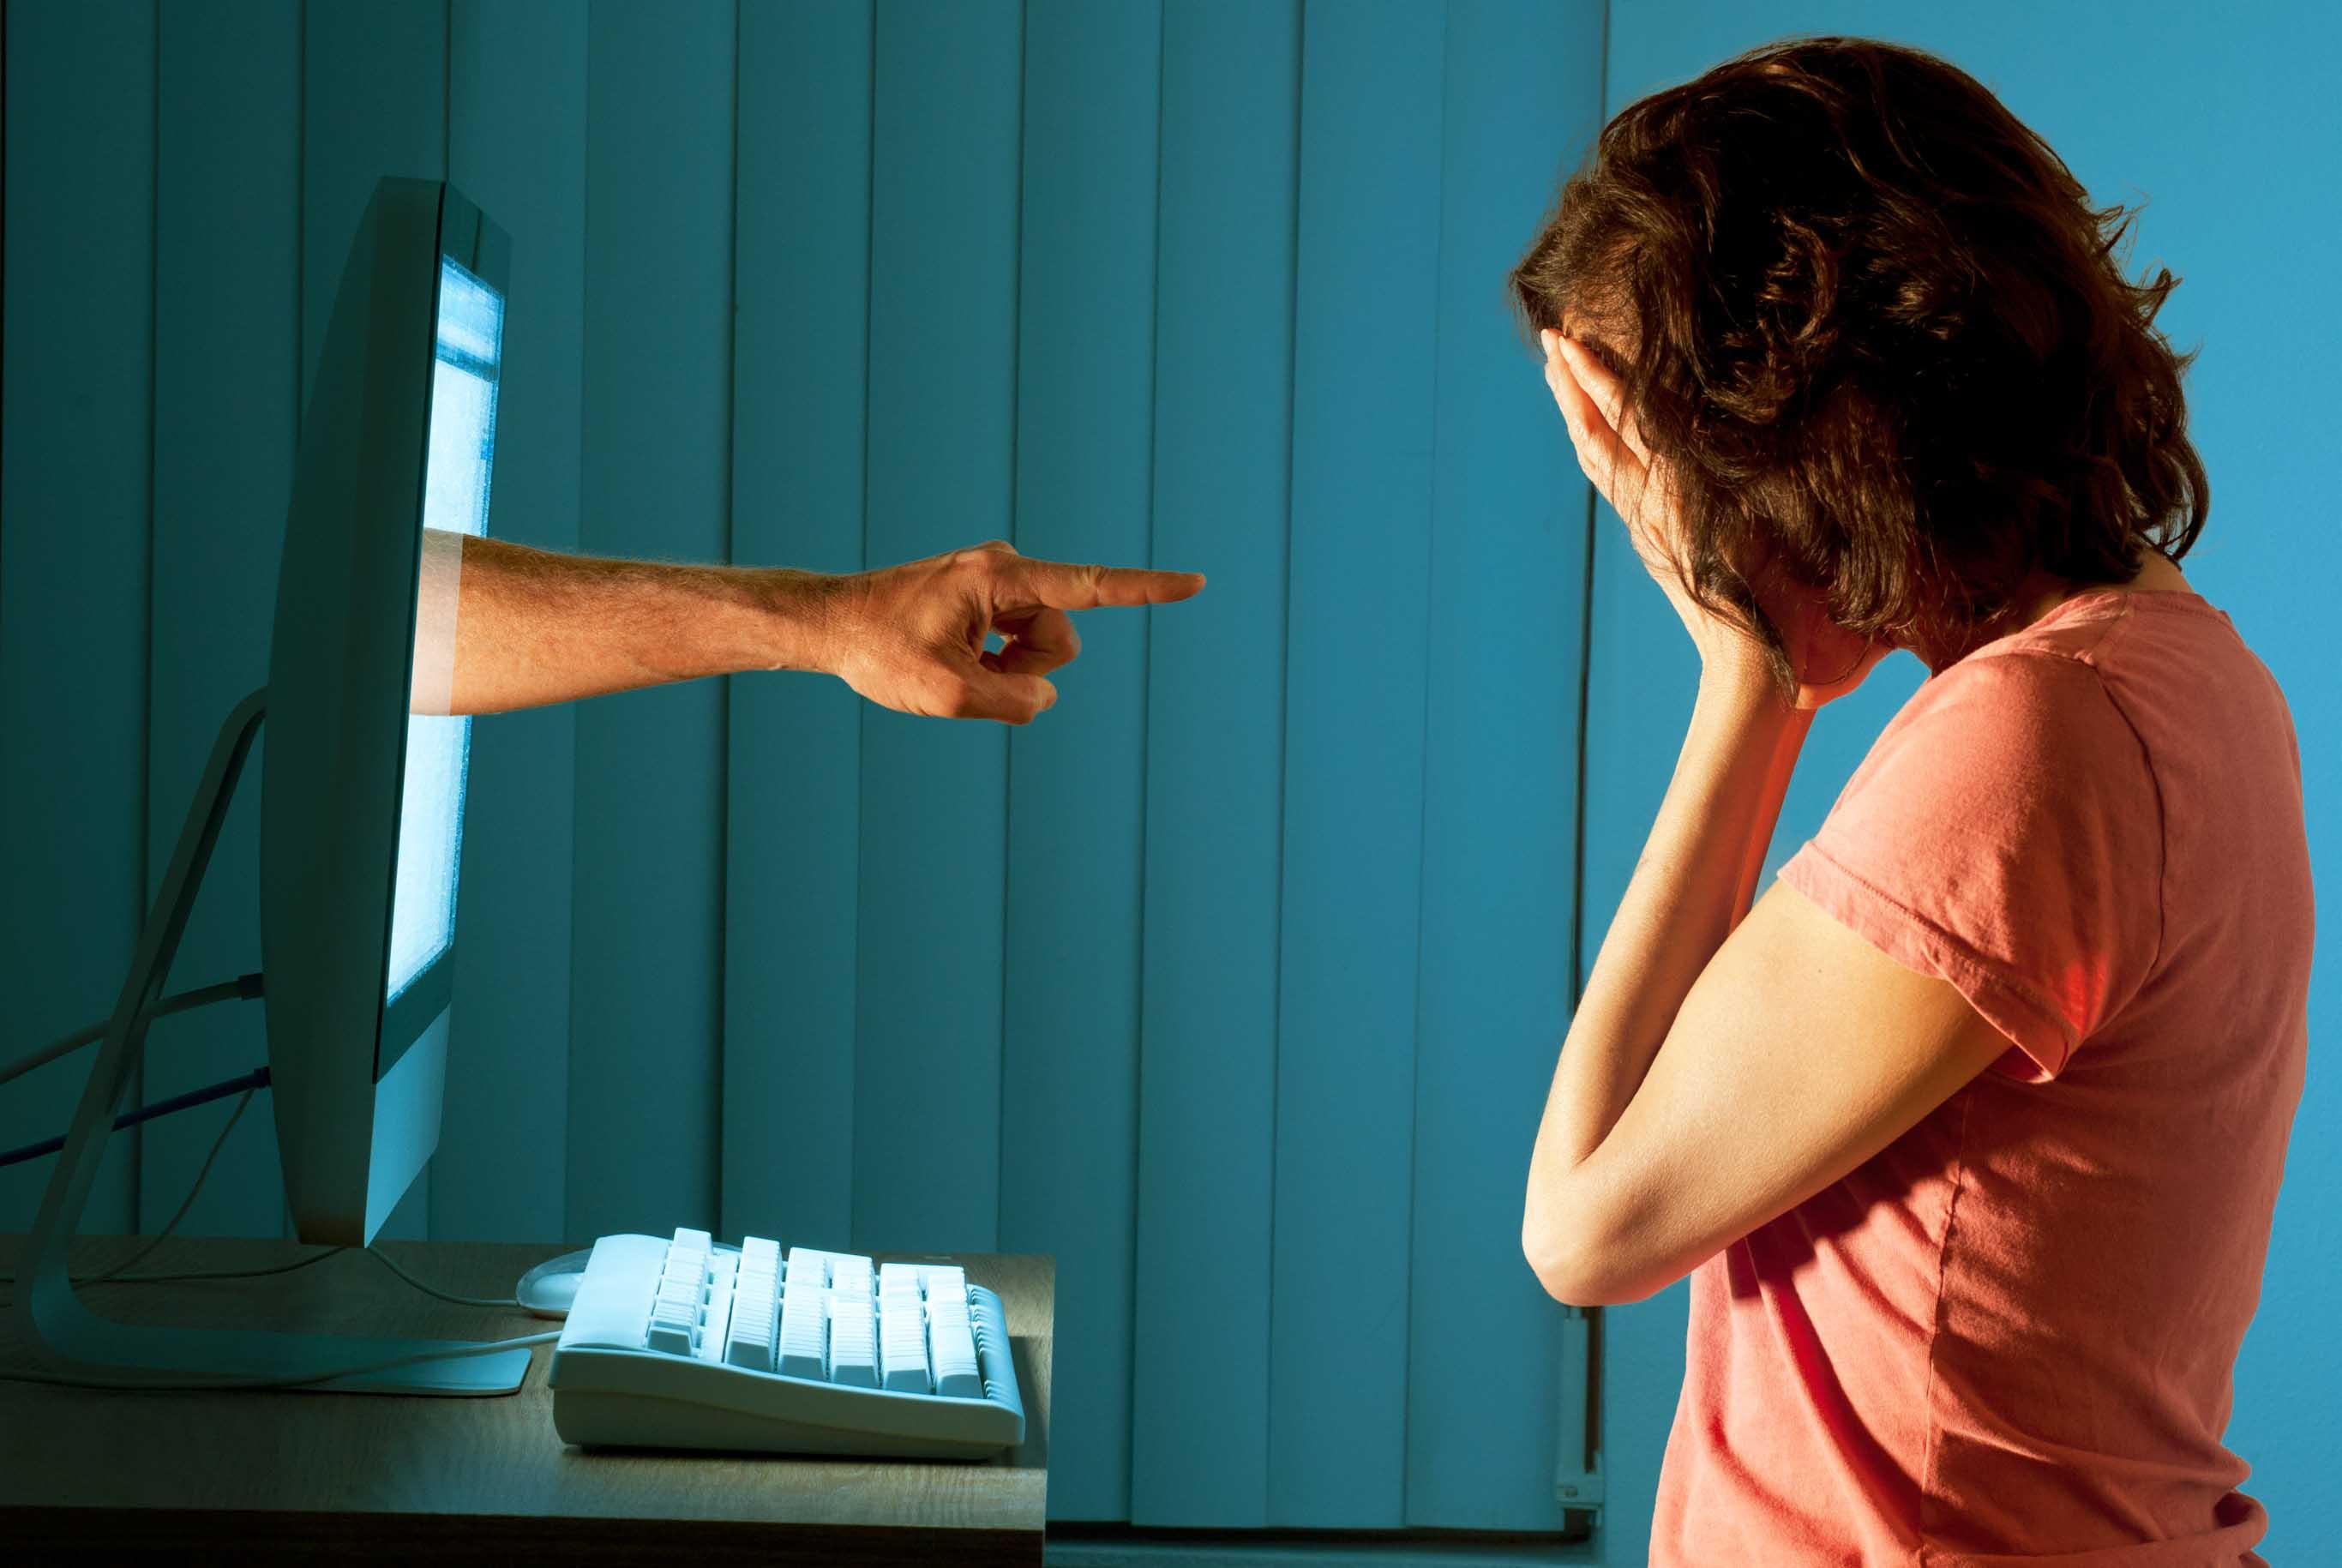 Cyberbullismo: per gli adolescenti non provoca conseguenze